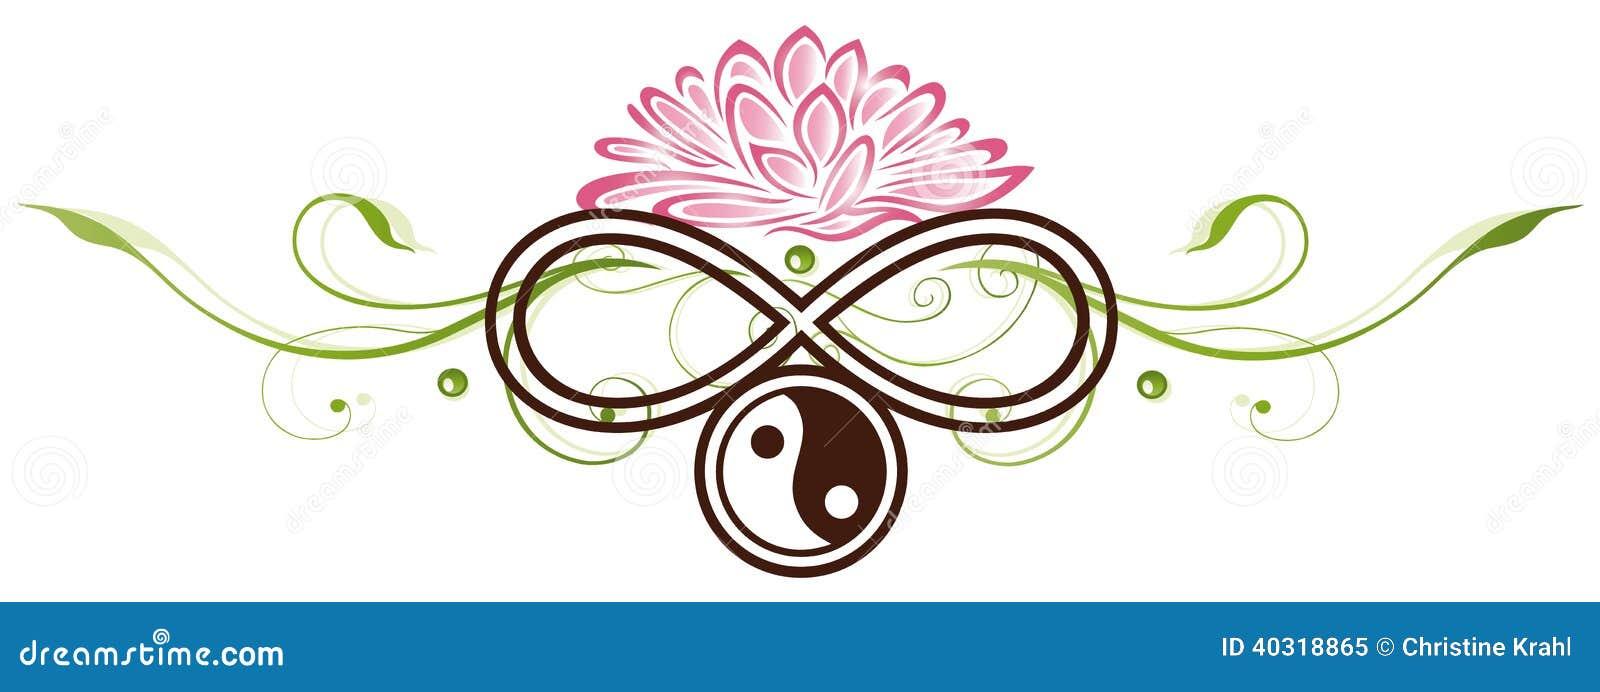 Lotus yang de yin illustration de vecteur image 40318865 - Fleur de lotus symbole ...